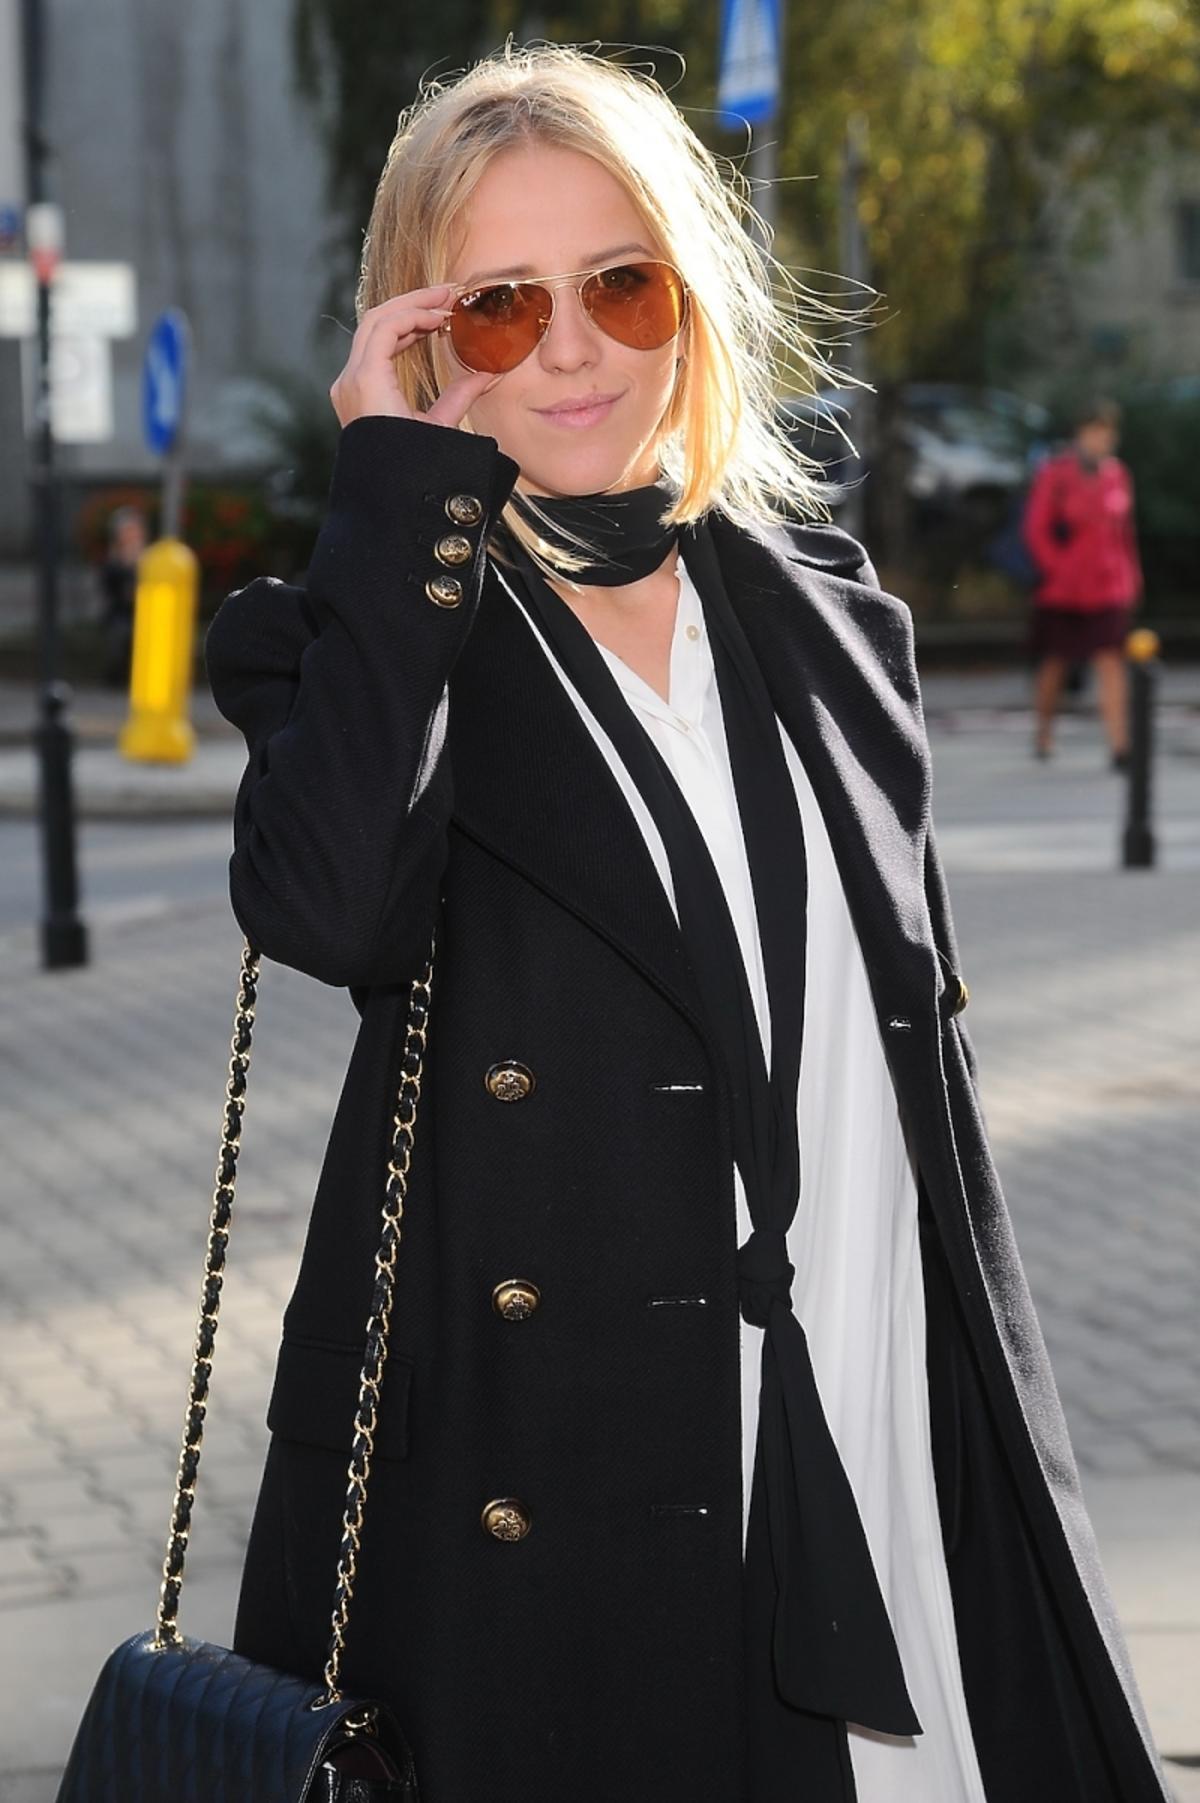 Jessica Mercedes w białek sukience, czarnym płaszczu,  w okularach